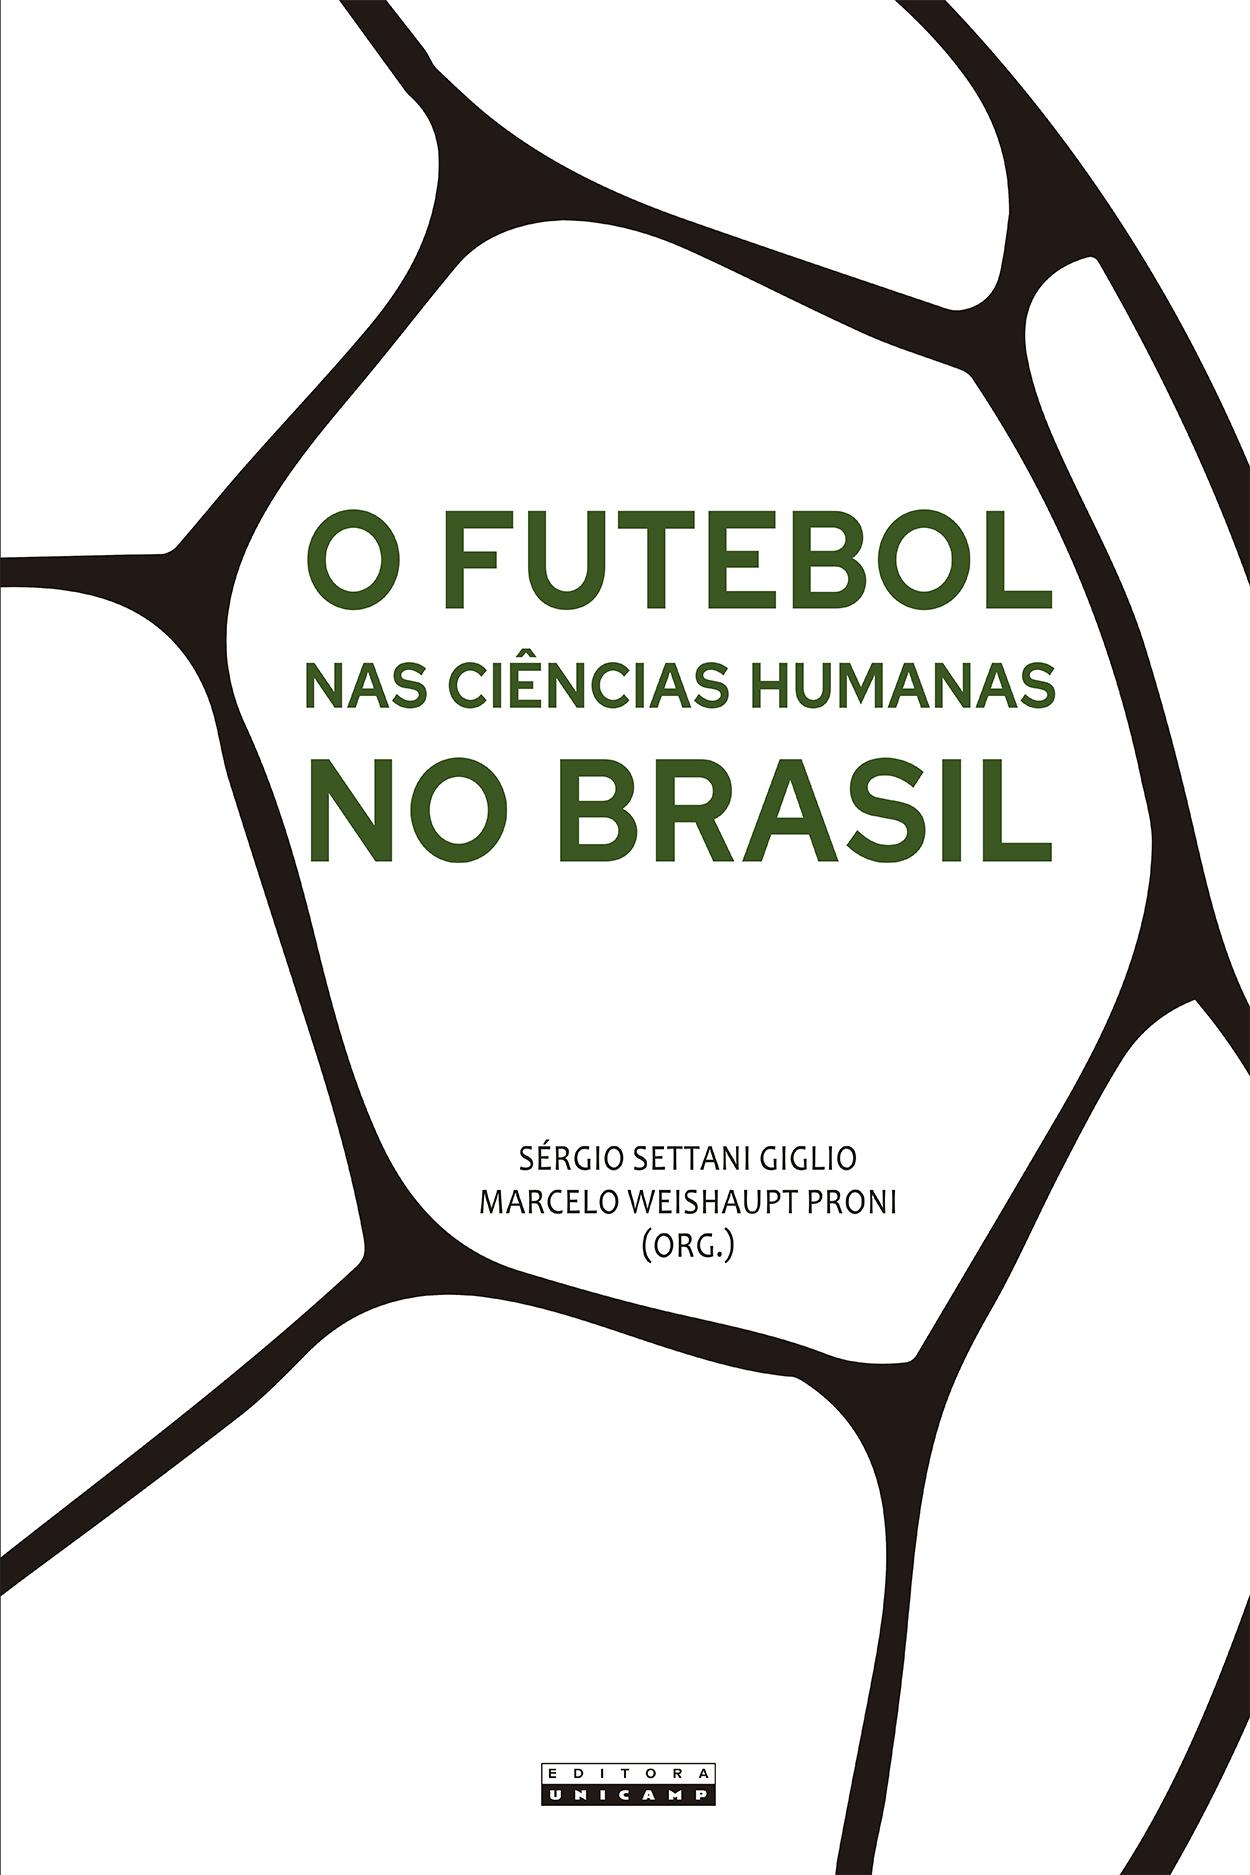 O futebol nas ciências humanas no Brasil, livro de Sérgio Settani Giglio, Marcelo Weishaupt Proni